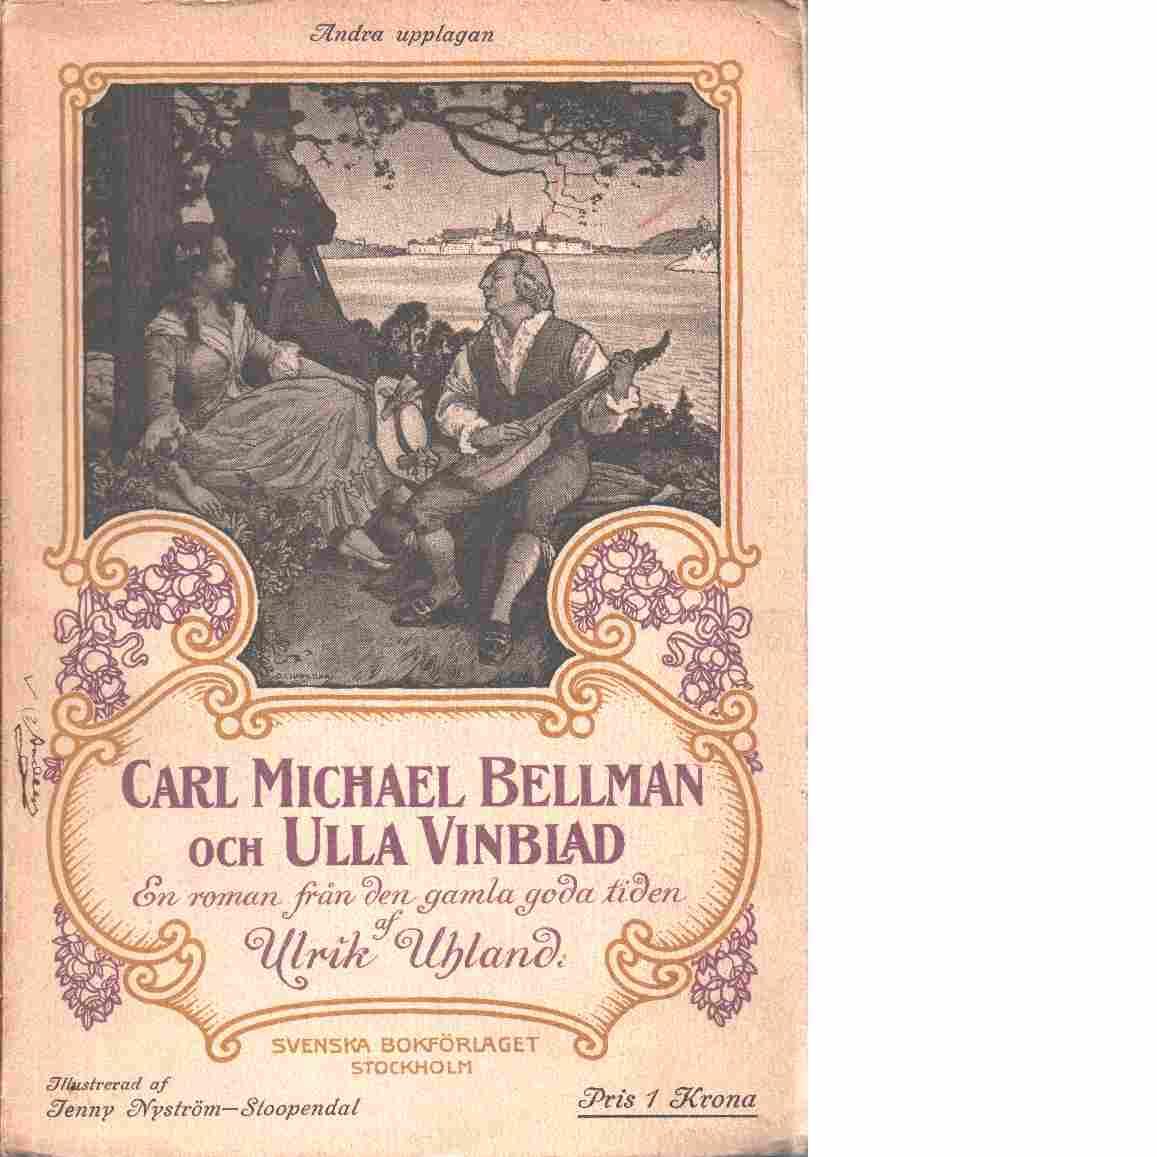 Carl Michael Bellman och Ulla Vinblad - Uhland Ulrik